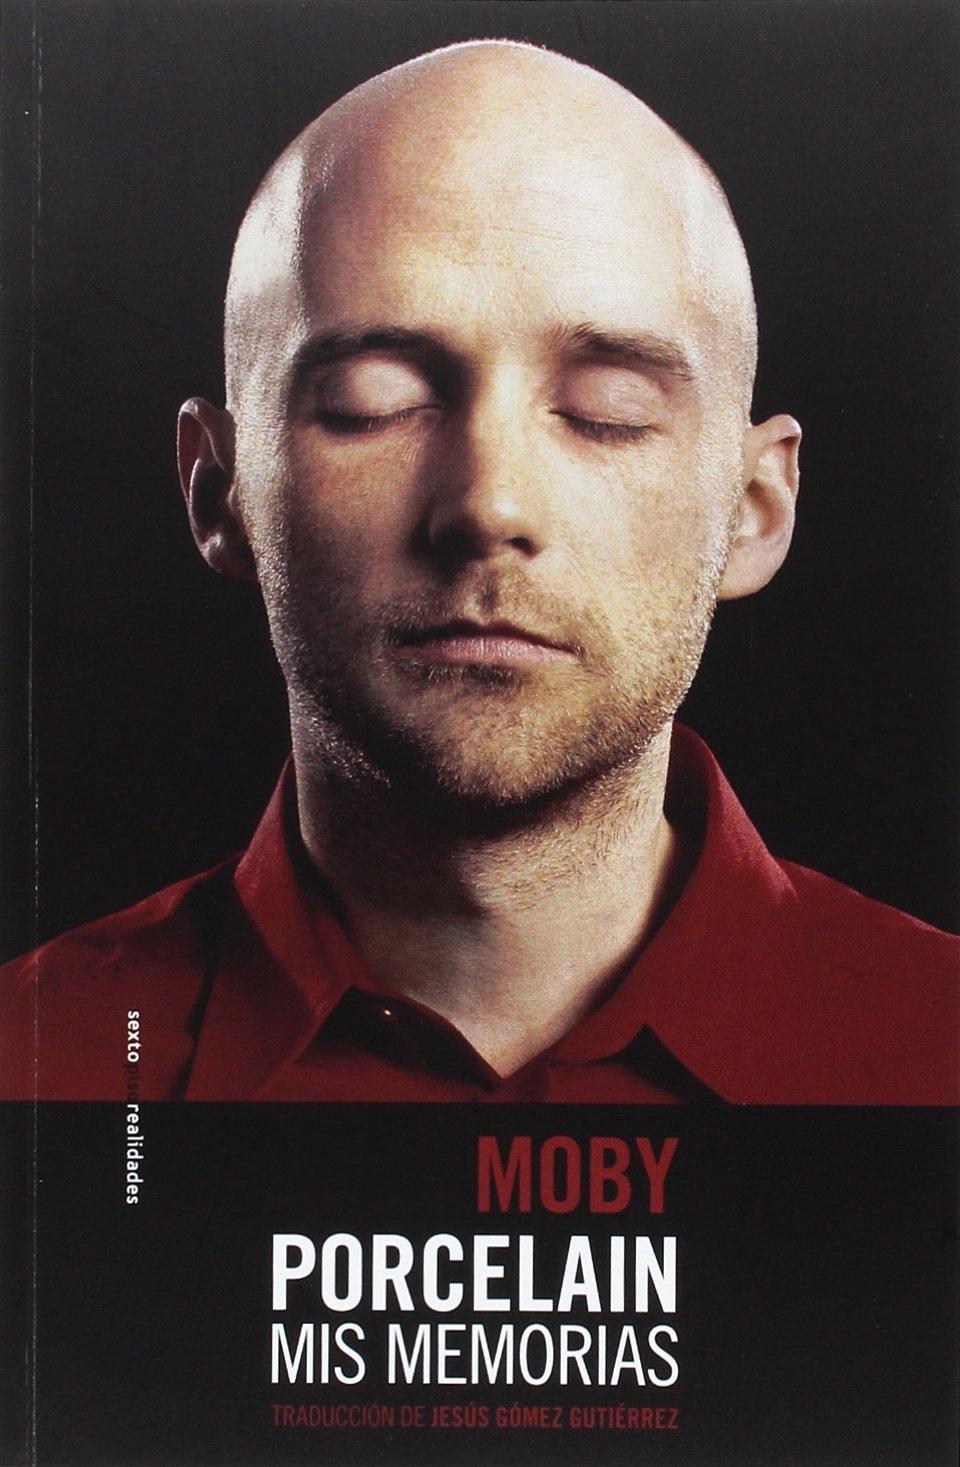 Porcelain: Mis memorias (Spanish Edition): Moby, Gómez Gutiérrez